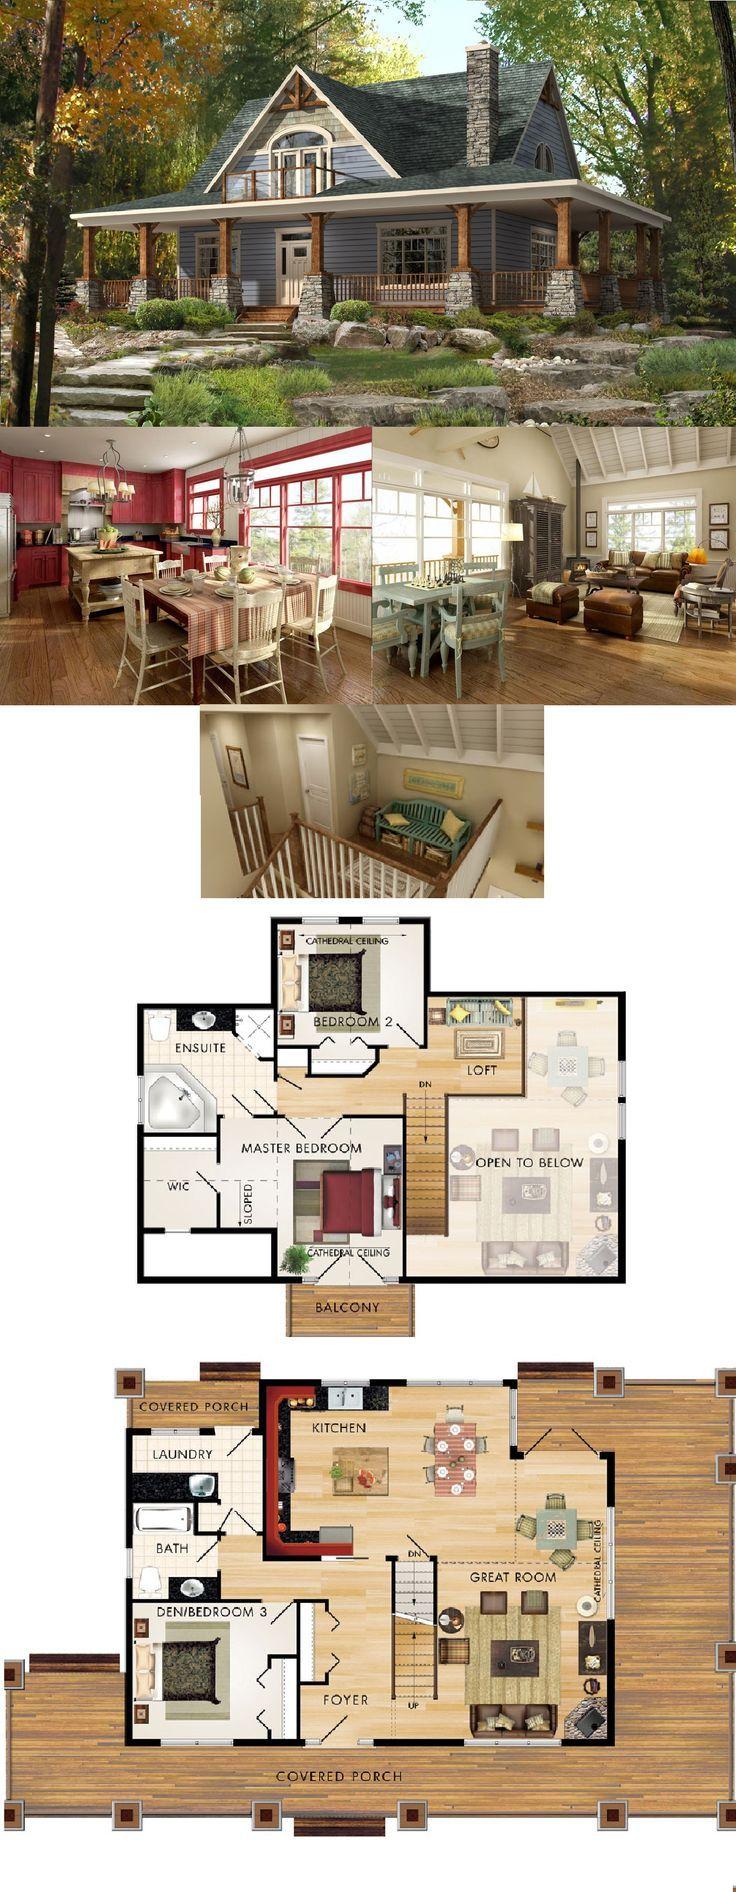 Biber-Häuser u. Häuschen - Limberlost. Viele Menschen träumen von einem schönen Ort zum Leben... #barndominiumideasfloorplans